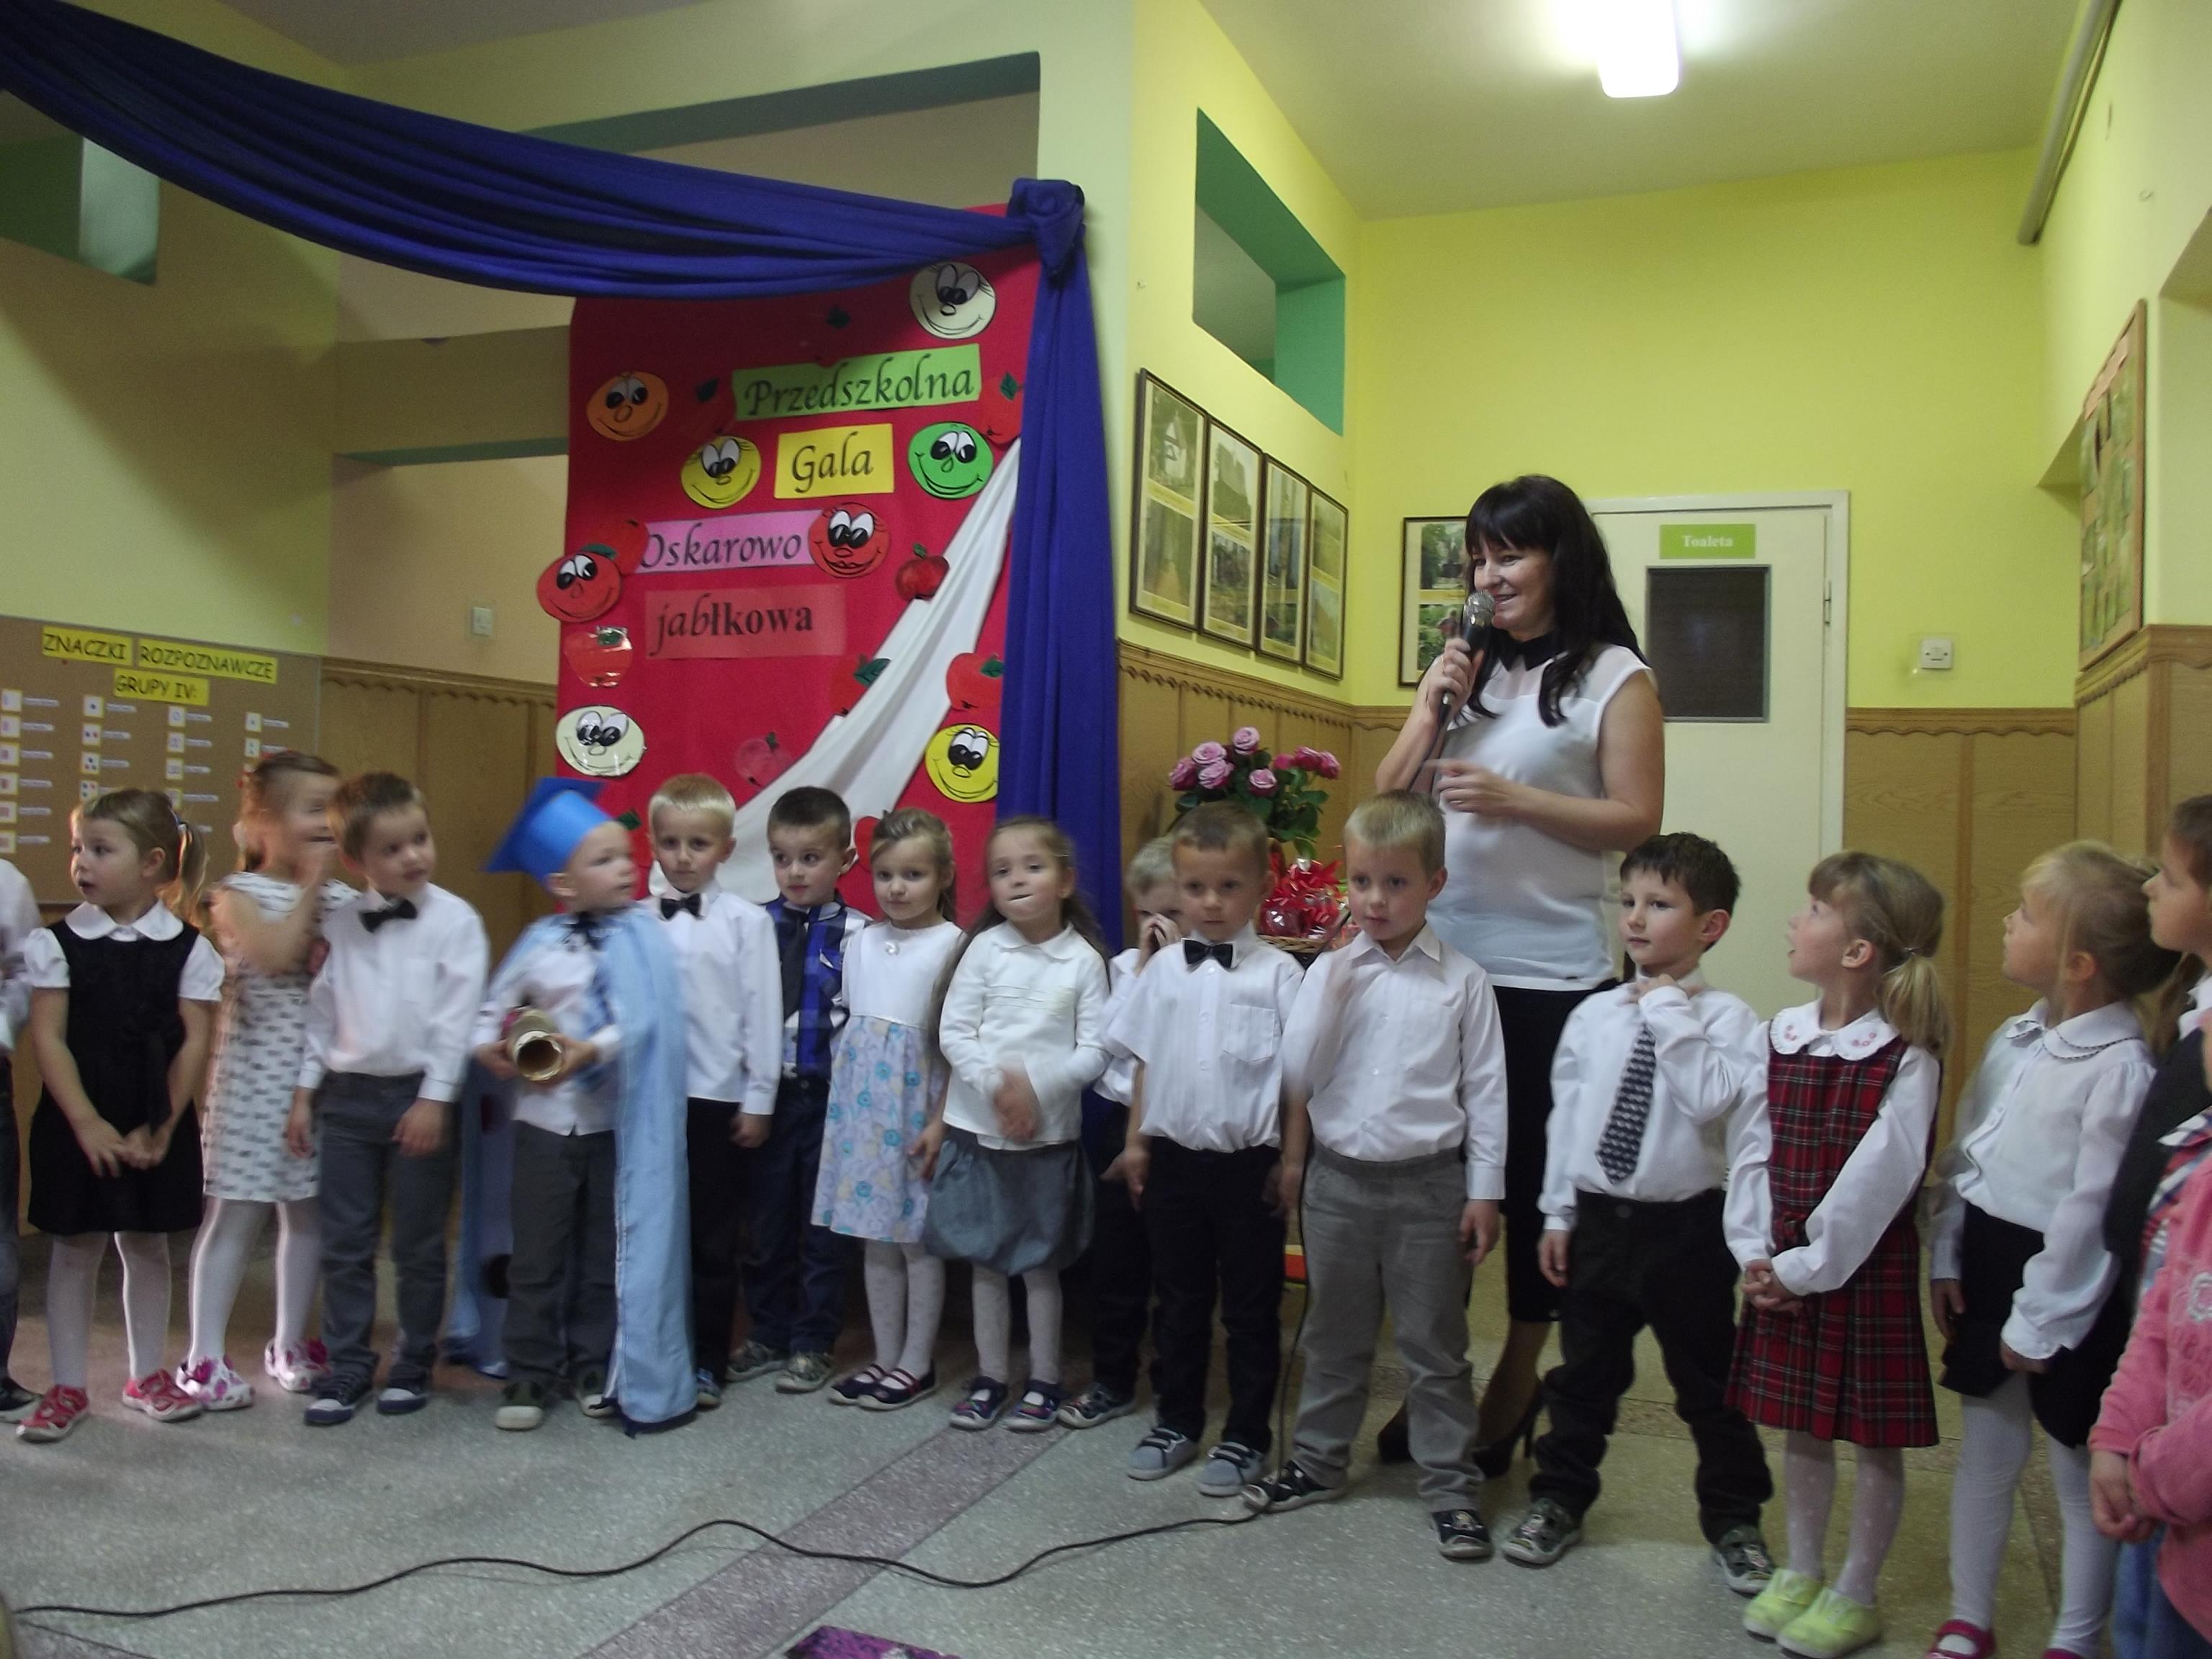 Przedszkolna Gala Oskarowo – Jabłkowa